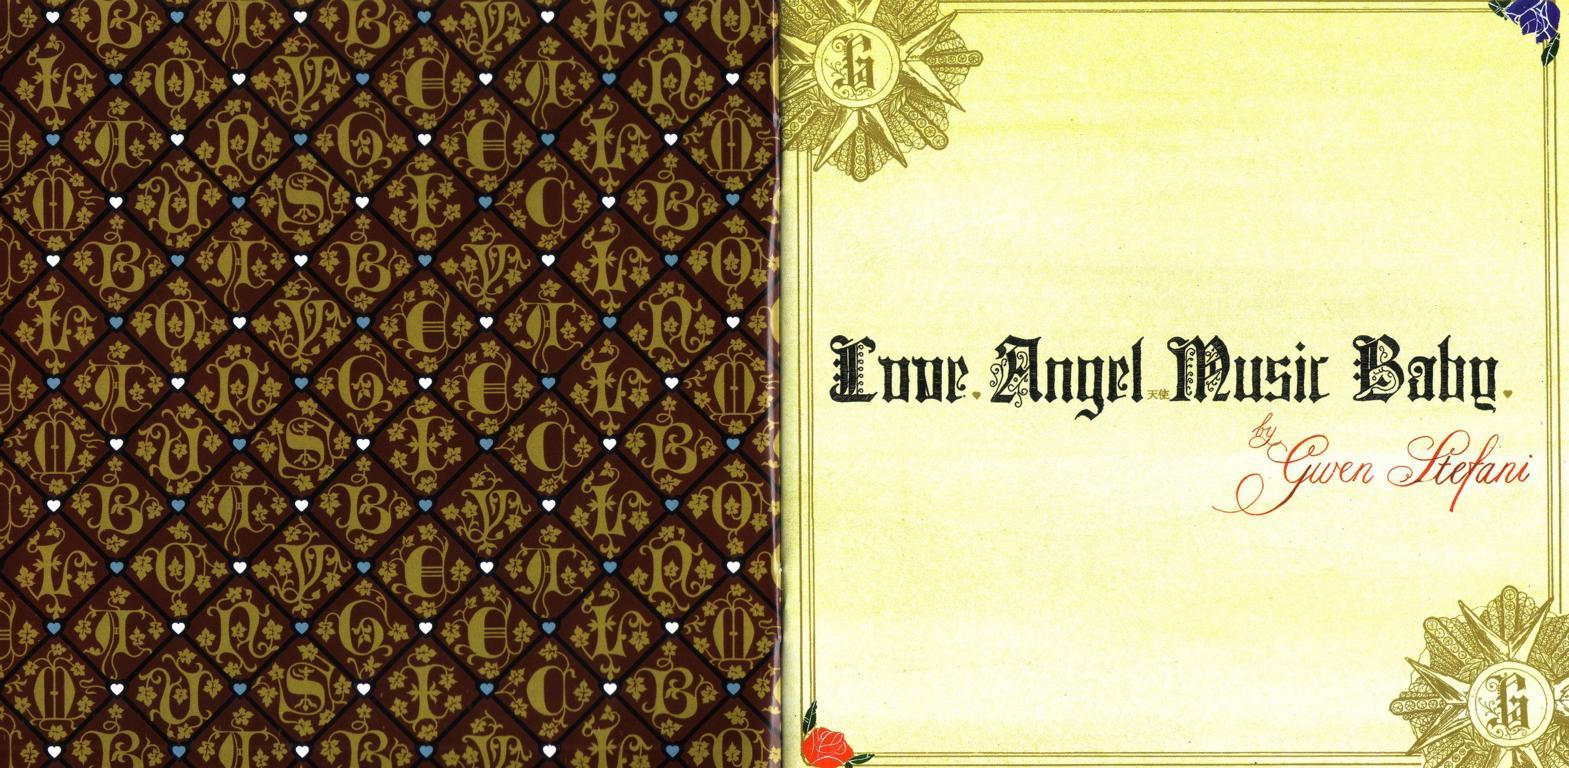 http://4.bp.blogspot.com/-P-IJJmZtmt8/TvY4X-jlYUI/AAAAAAAADKo/tslfNtr8Z8Q/s1600/Gwen-Stefani-Love-.-Angel-.-Music.-Baby-.+%25281%2529.JPG